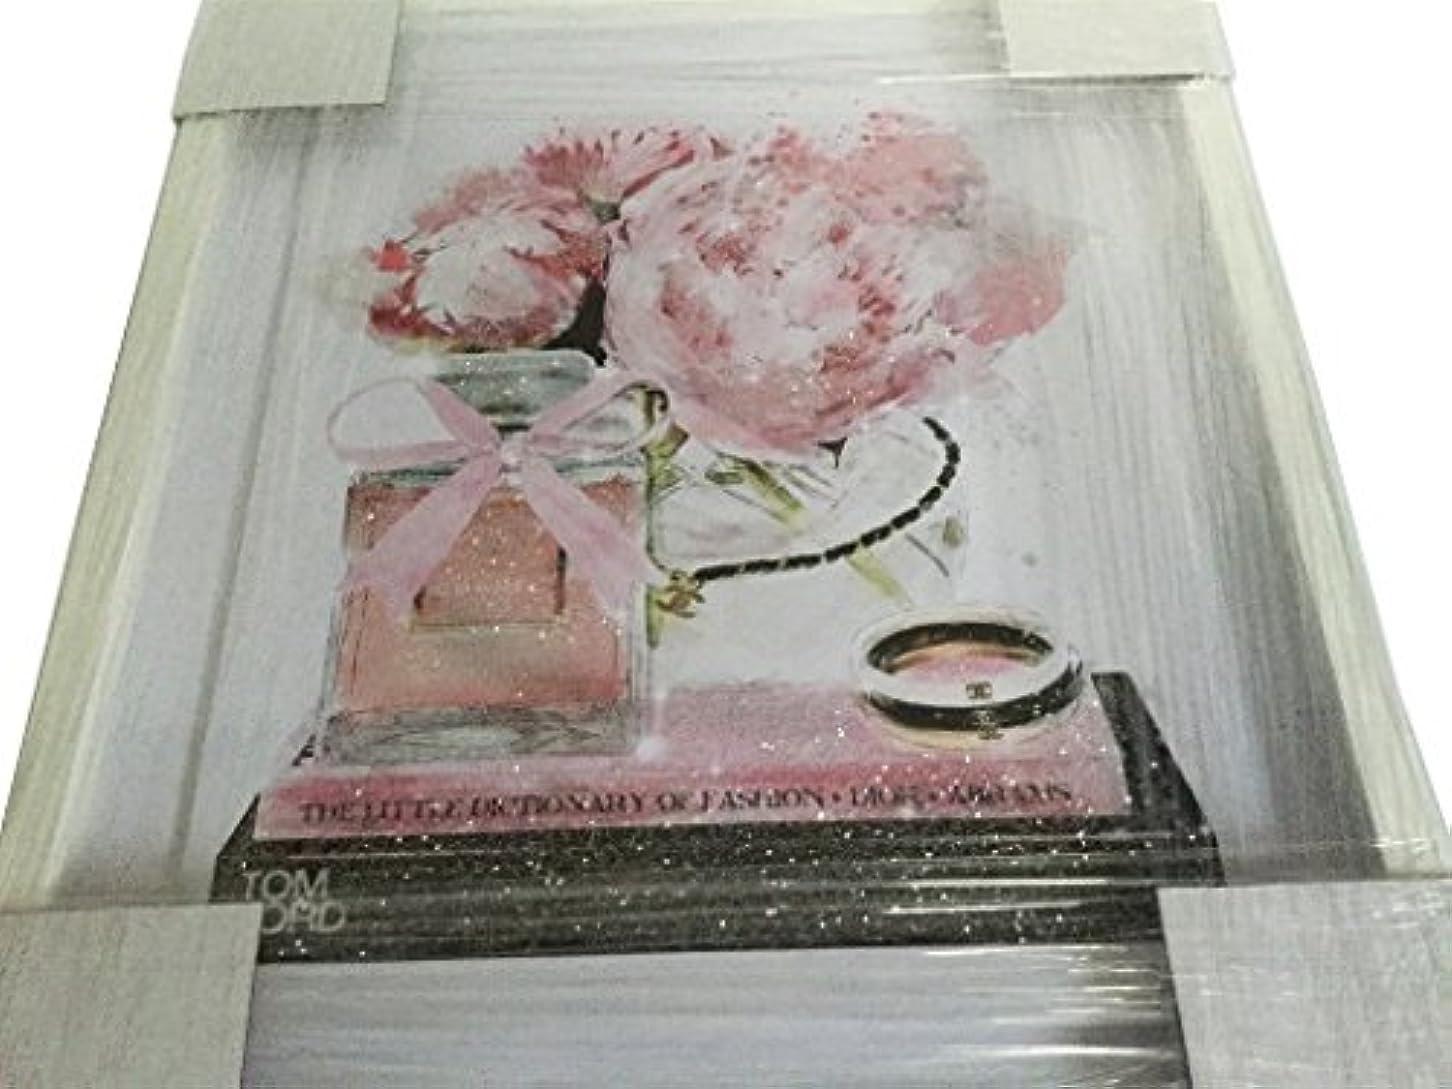 破壊するしばしばロボットOliver Gal O83 Elegant Perfume and Morning CHANEL スワロフスキー (17×20インチ:43.18×50.8cm)